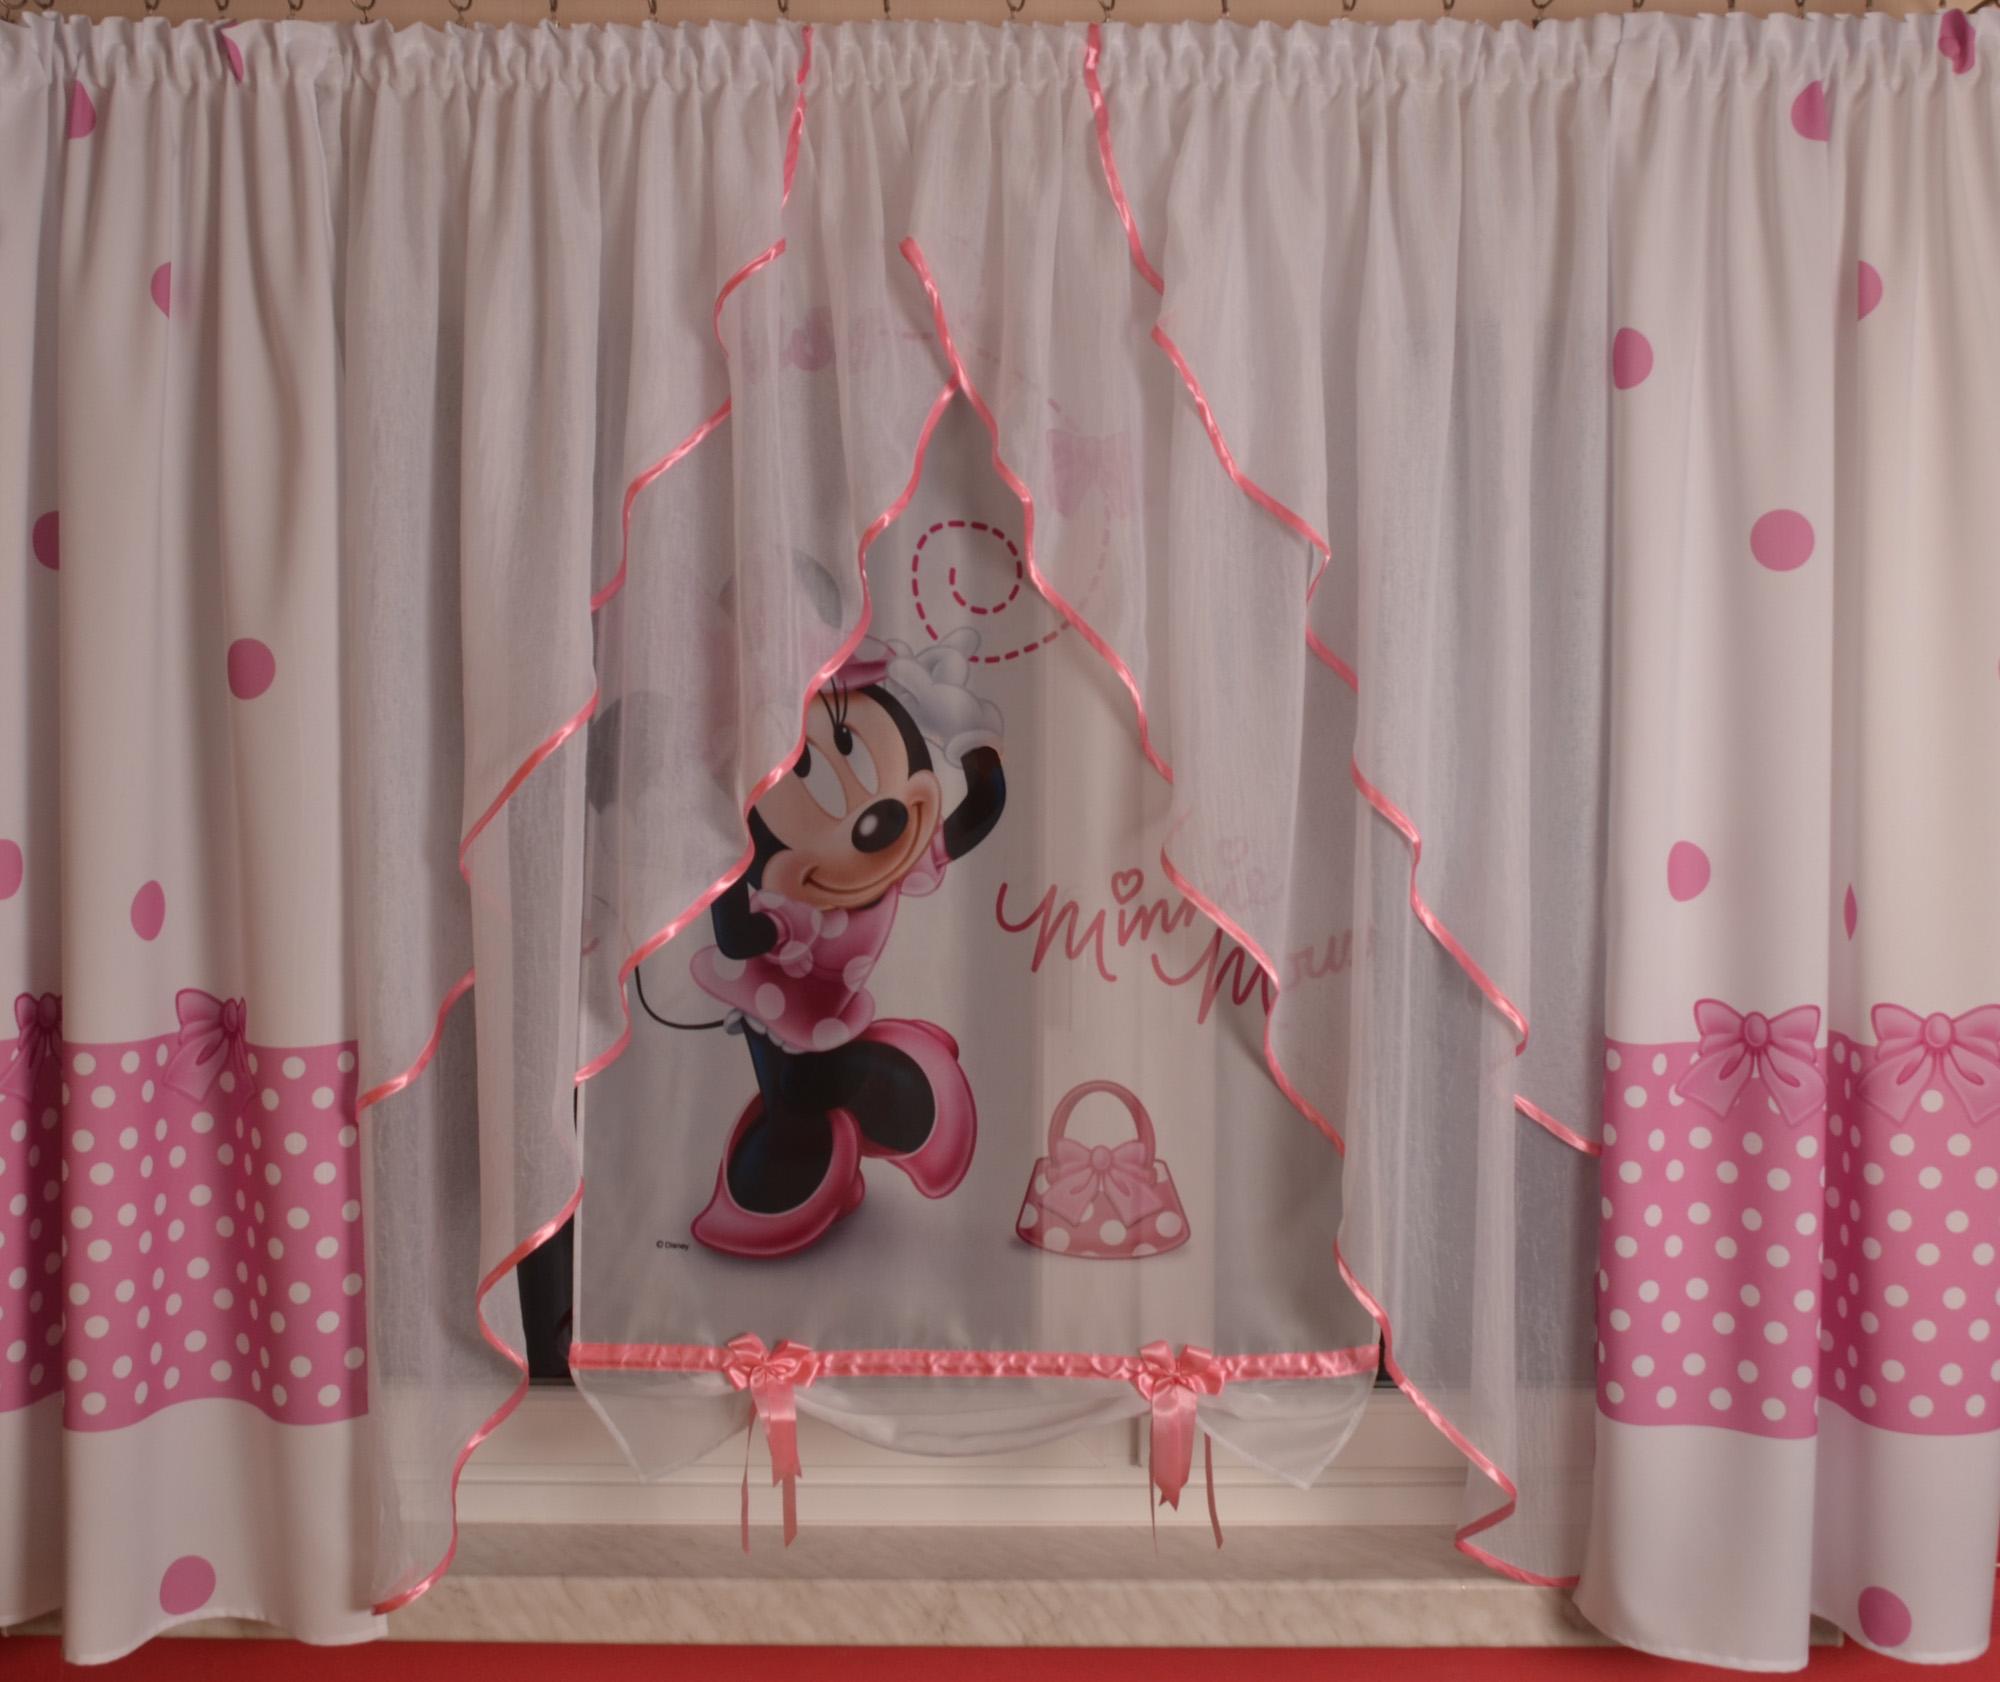 Full Size of Kinderzimmer Vorhänge Disney Minnie Mouse Gardine Kindergardine Baby Wohnzimmer Küche Schlafzimmer Sofa Regale Regal Weiß Kinderzimmer Kinderzimmer Vorhänge